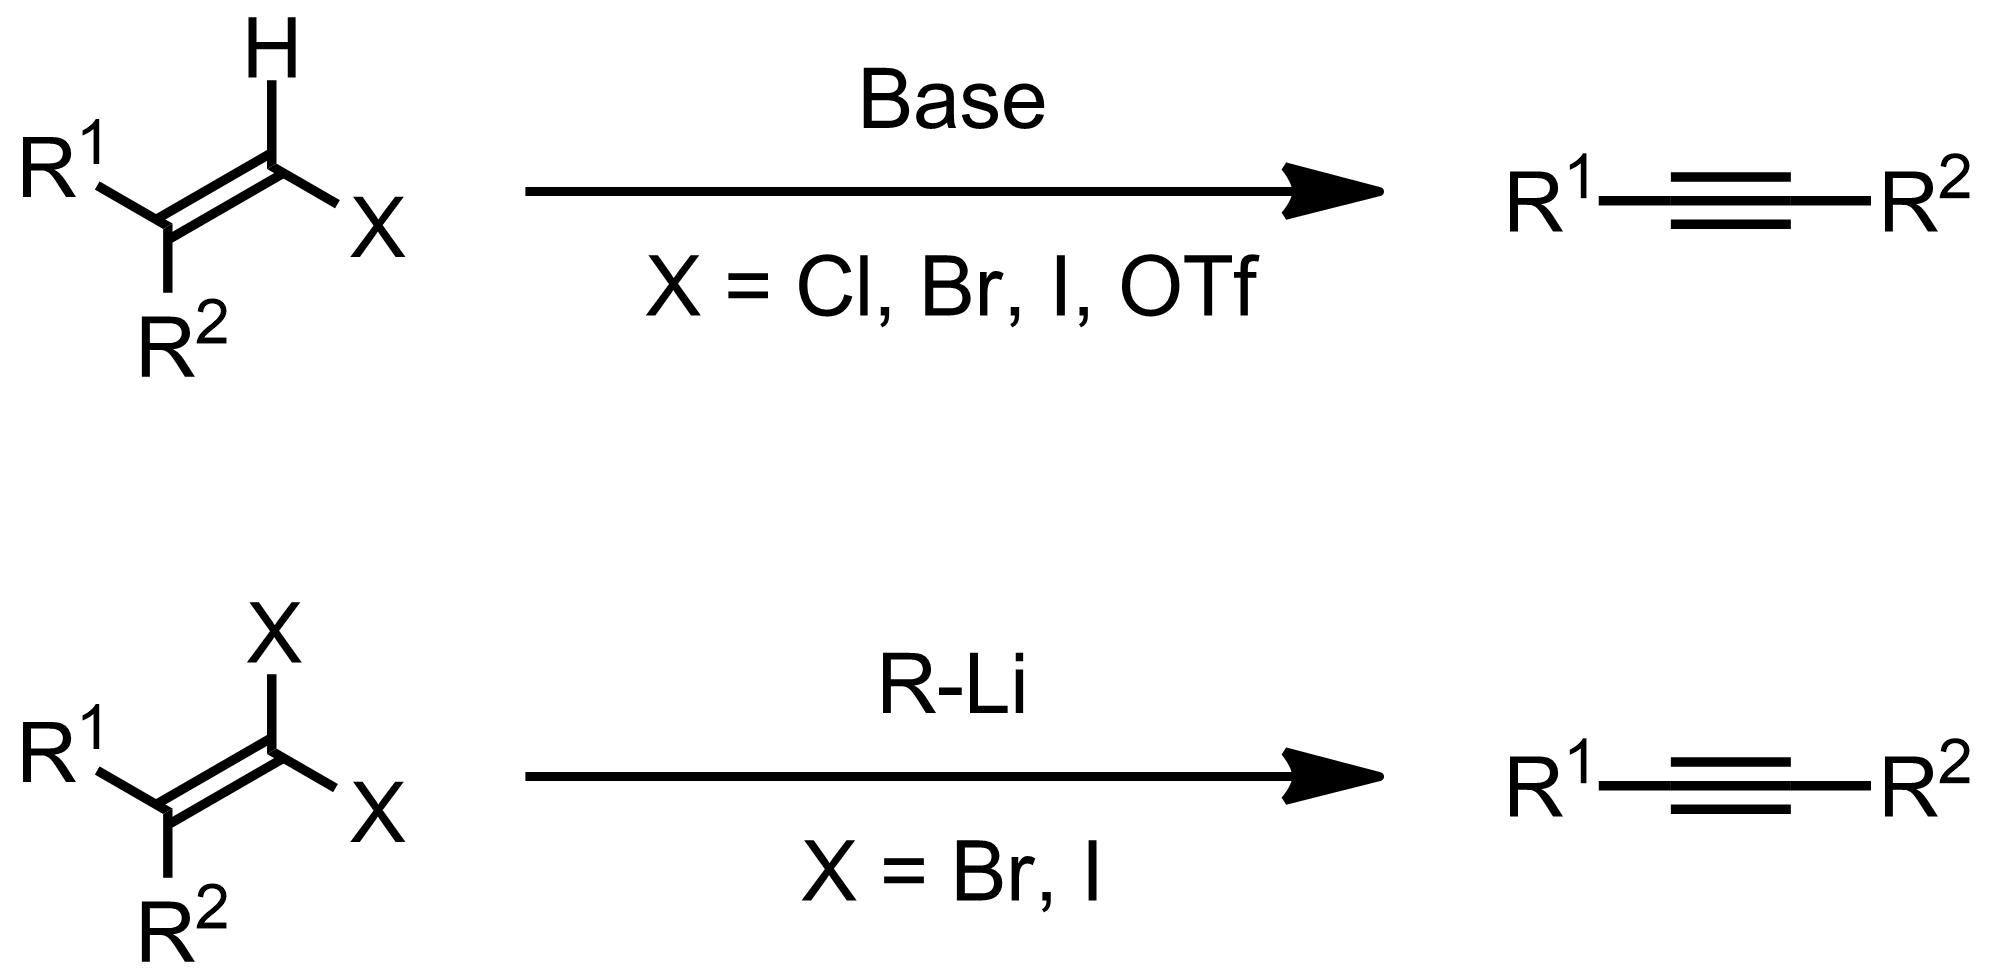 Schematic representation of the Fritsch-Buttenberg-Wiechell Rearrangement.